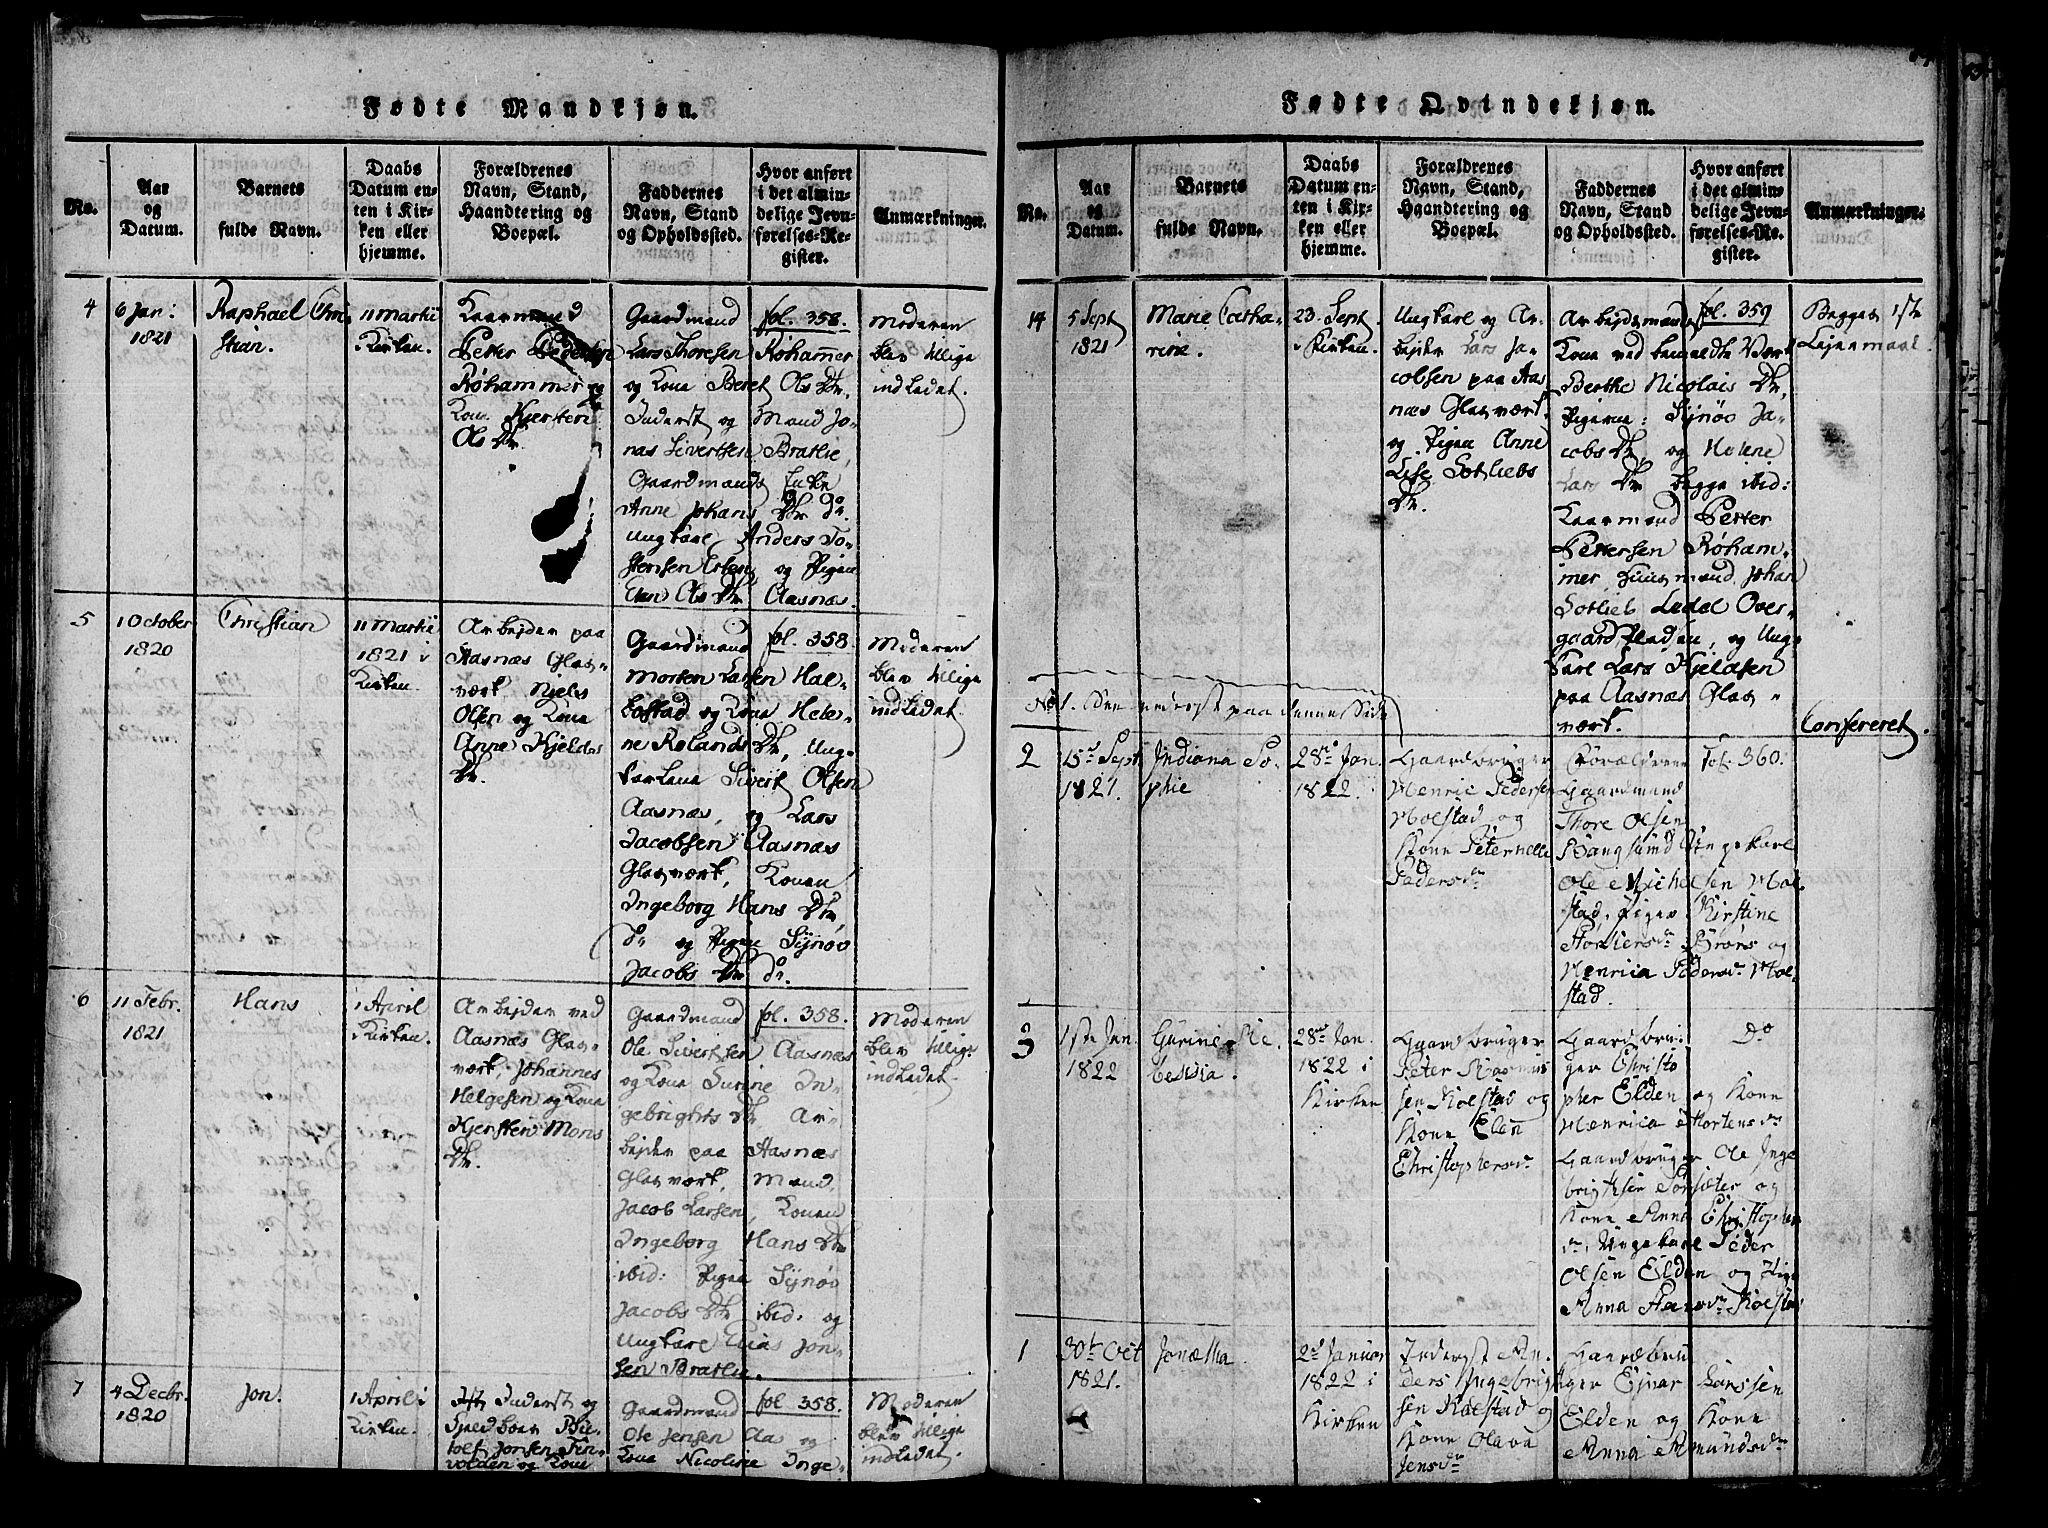 SAT, Ministerialprotokoller, klokkerbøker og fødselsregistre - Nord-Trøndelag, 741/L0387: Ministerialbok nr. 741A03 /3, 1817-1822, s. 84